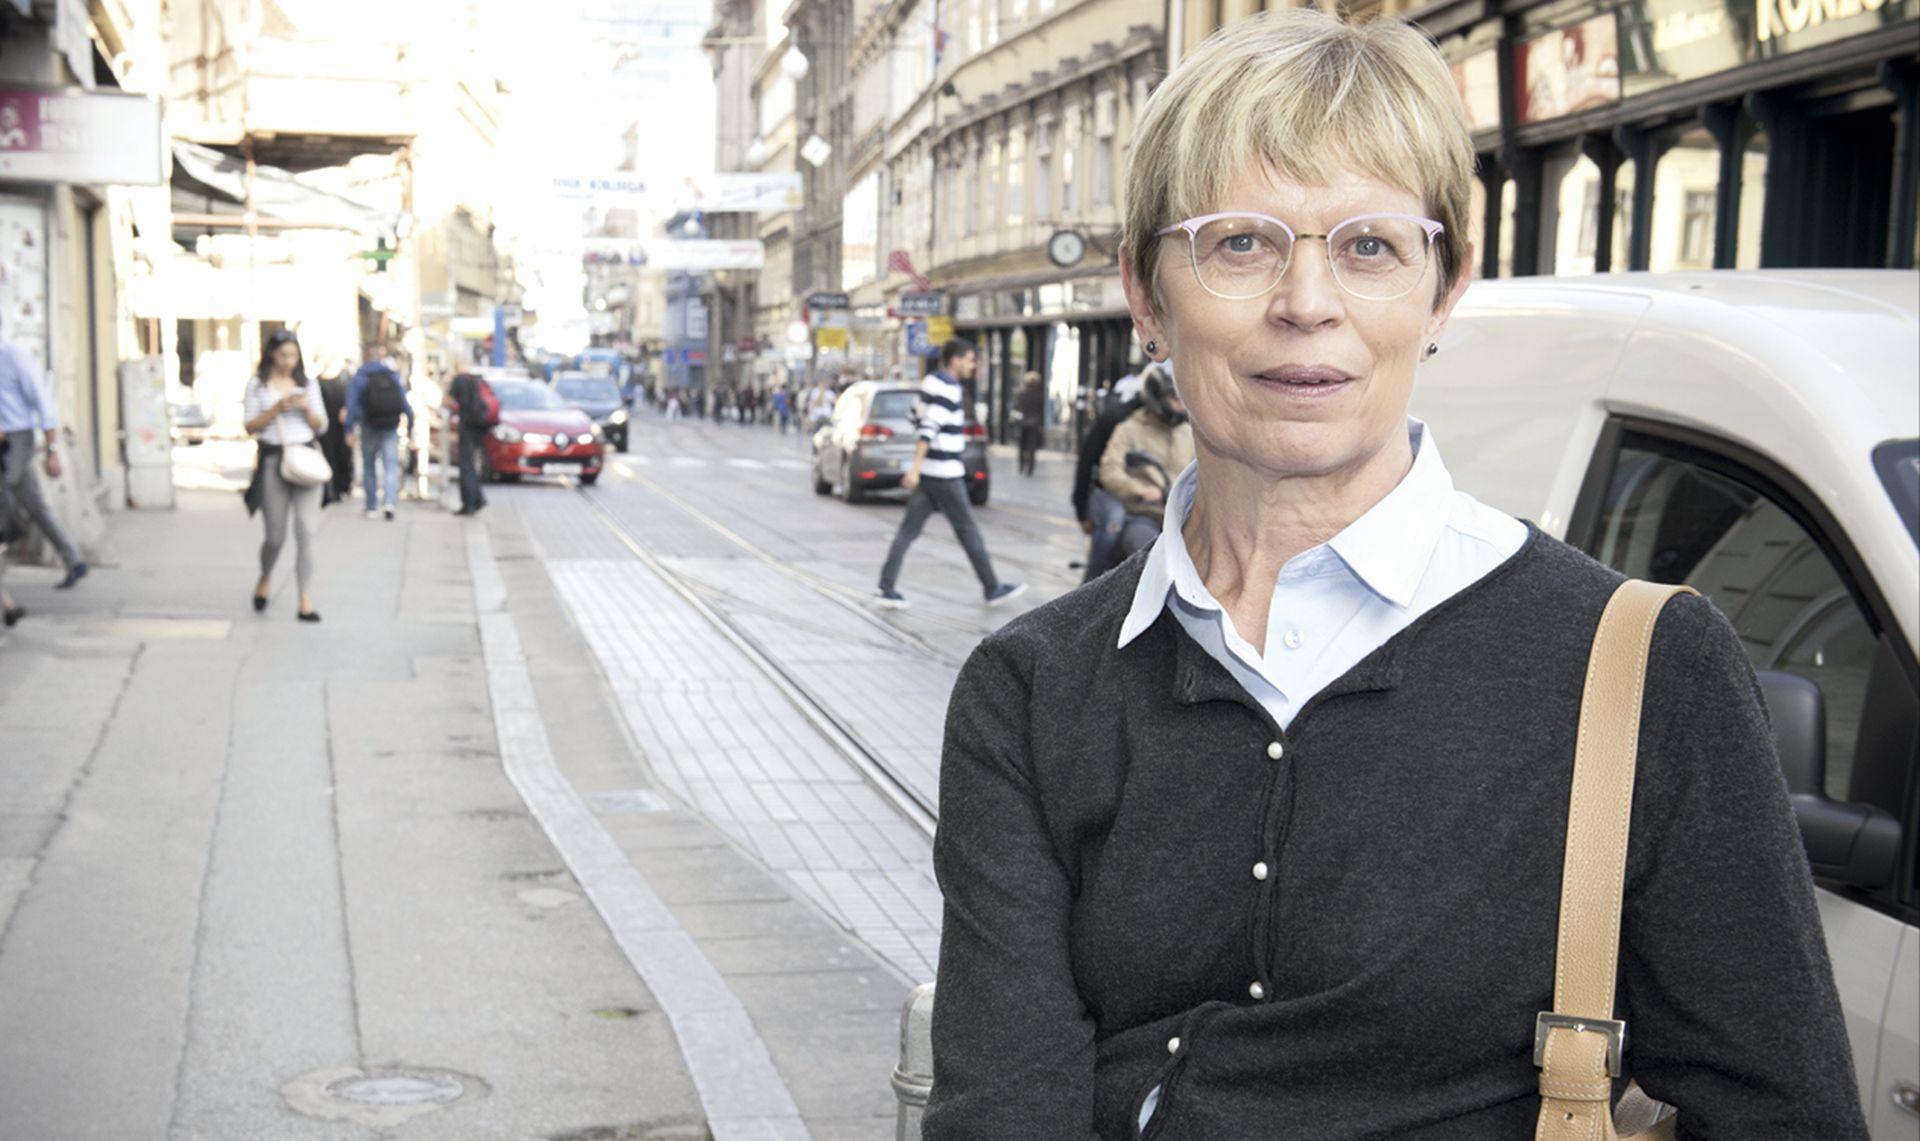 INTERVIEW: PIRKKO MÄKINEN 'Broj žena u finskom parlamentu bio je jednak hrvatskom prije 120 godina'